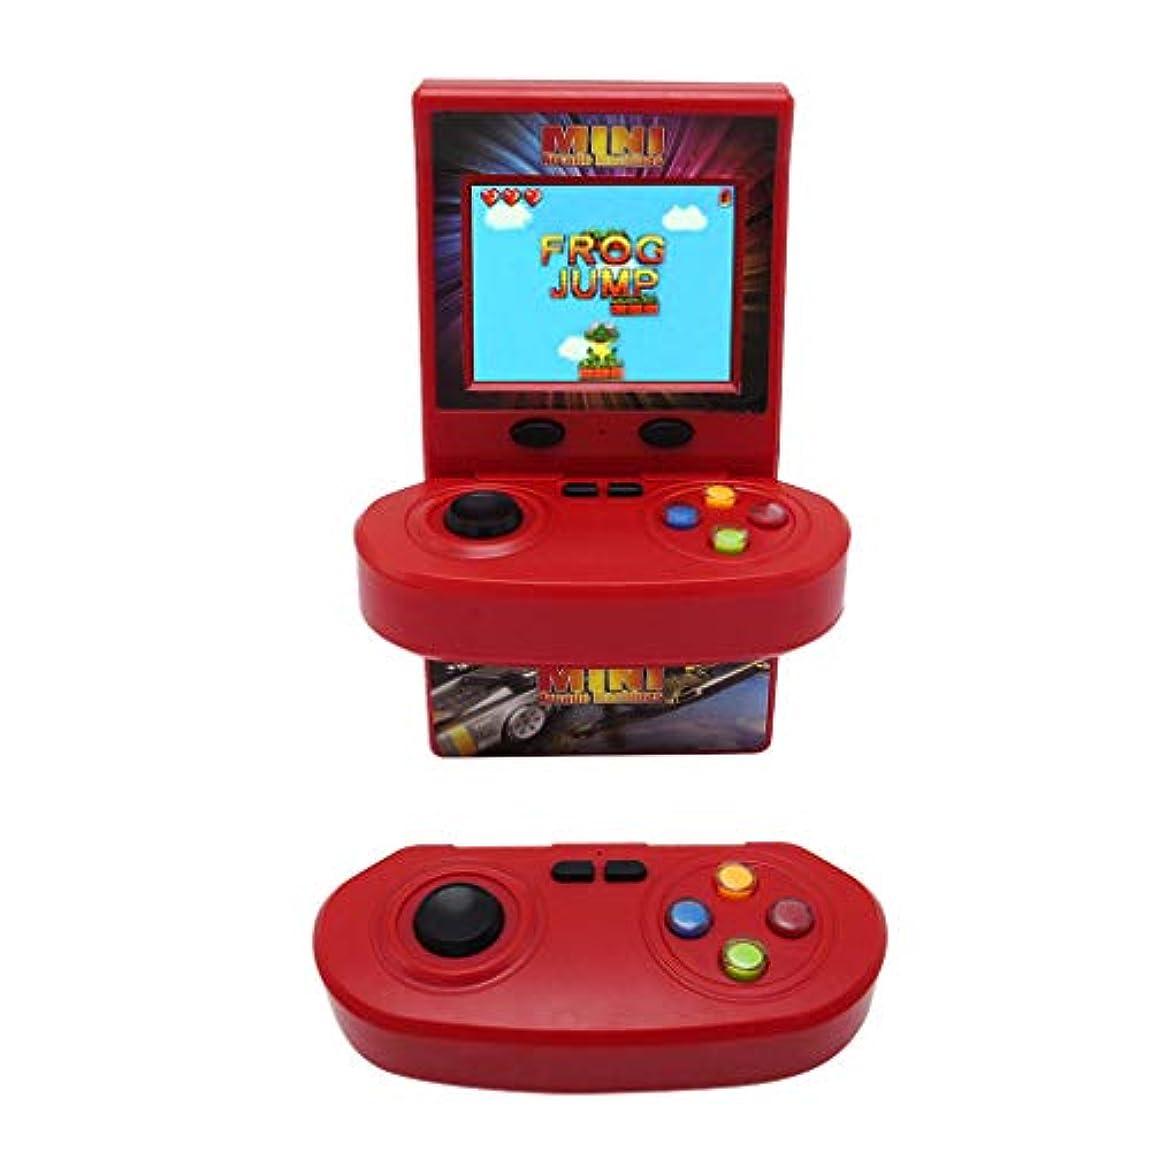 特殊スチュアート島五ゲームコンソール ダブルワイヤレスジョイスティック アーケードゲーム コンソール ノスタルジック 100ゲーム ゲームプレーヤー ダブルハンドル 携帯ゲーム機huajuan